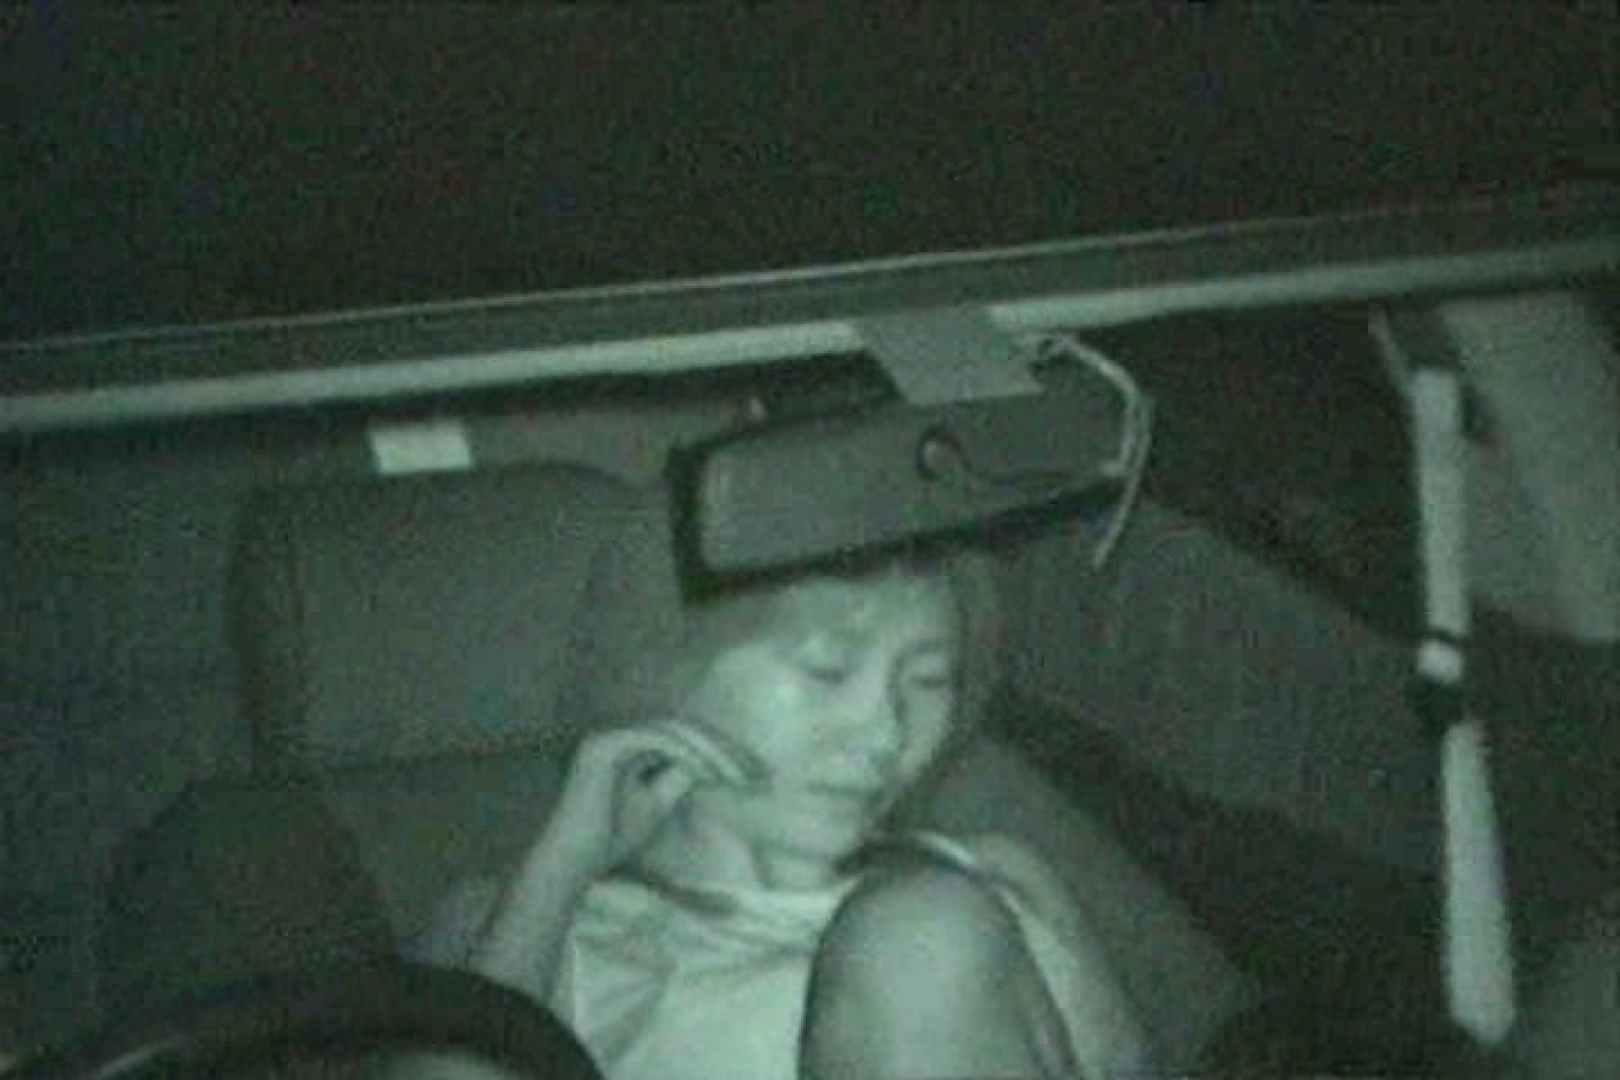 車の中はラブホテル 無修正版  Vol.25 セックス AV無料動画キャプチャ 103PIX 31